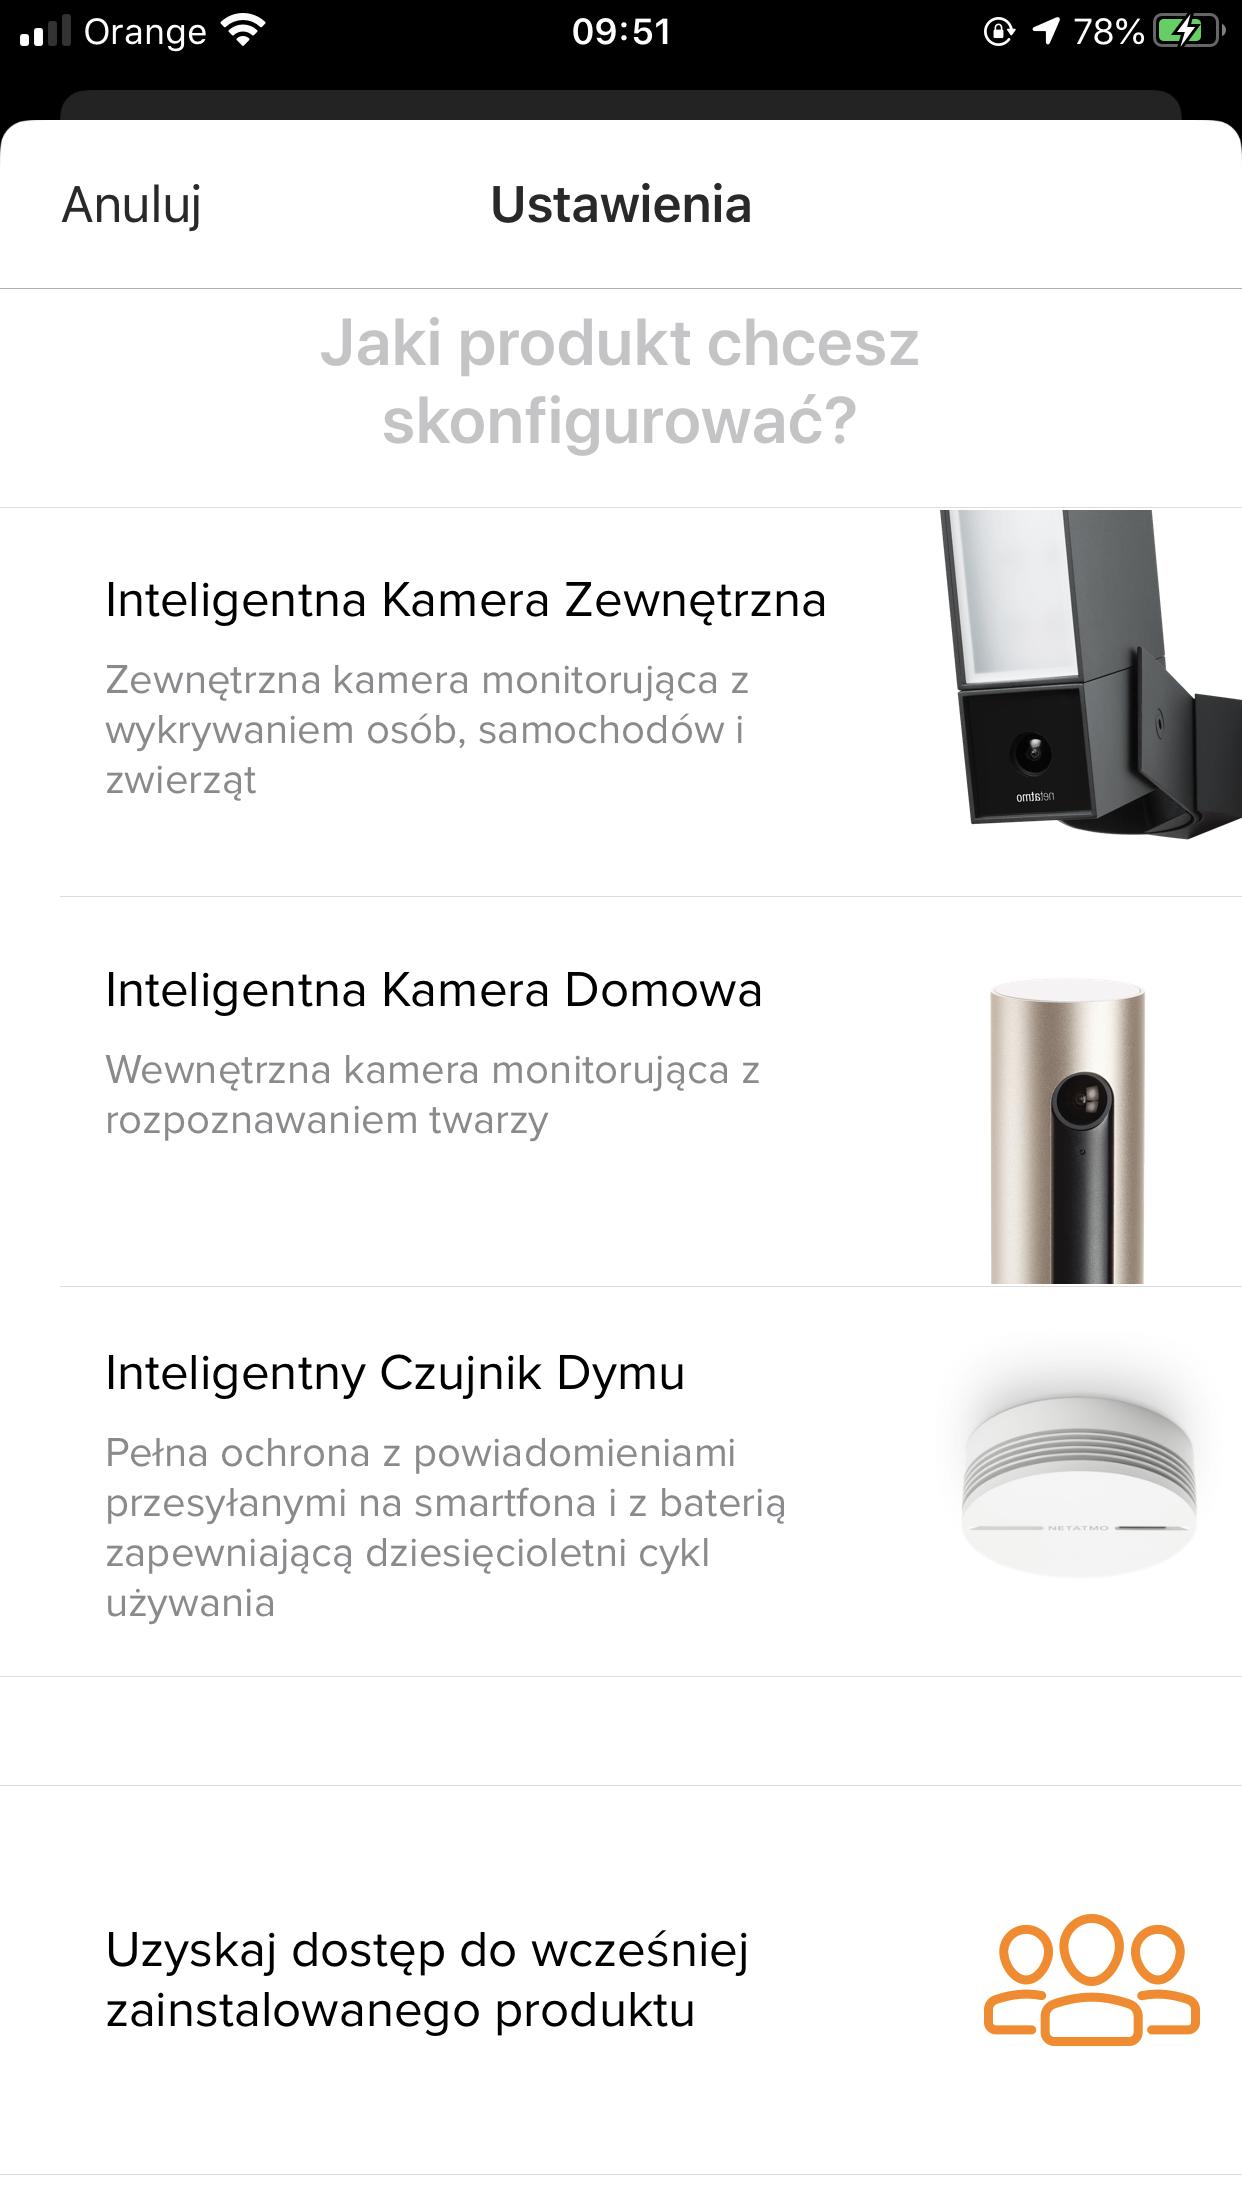 Netatmo Inteligentna Kamera Zewnętrzna z Alarmem - recenzja. Twój prywatny ochroniarz